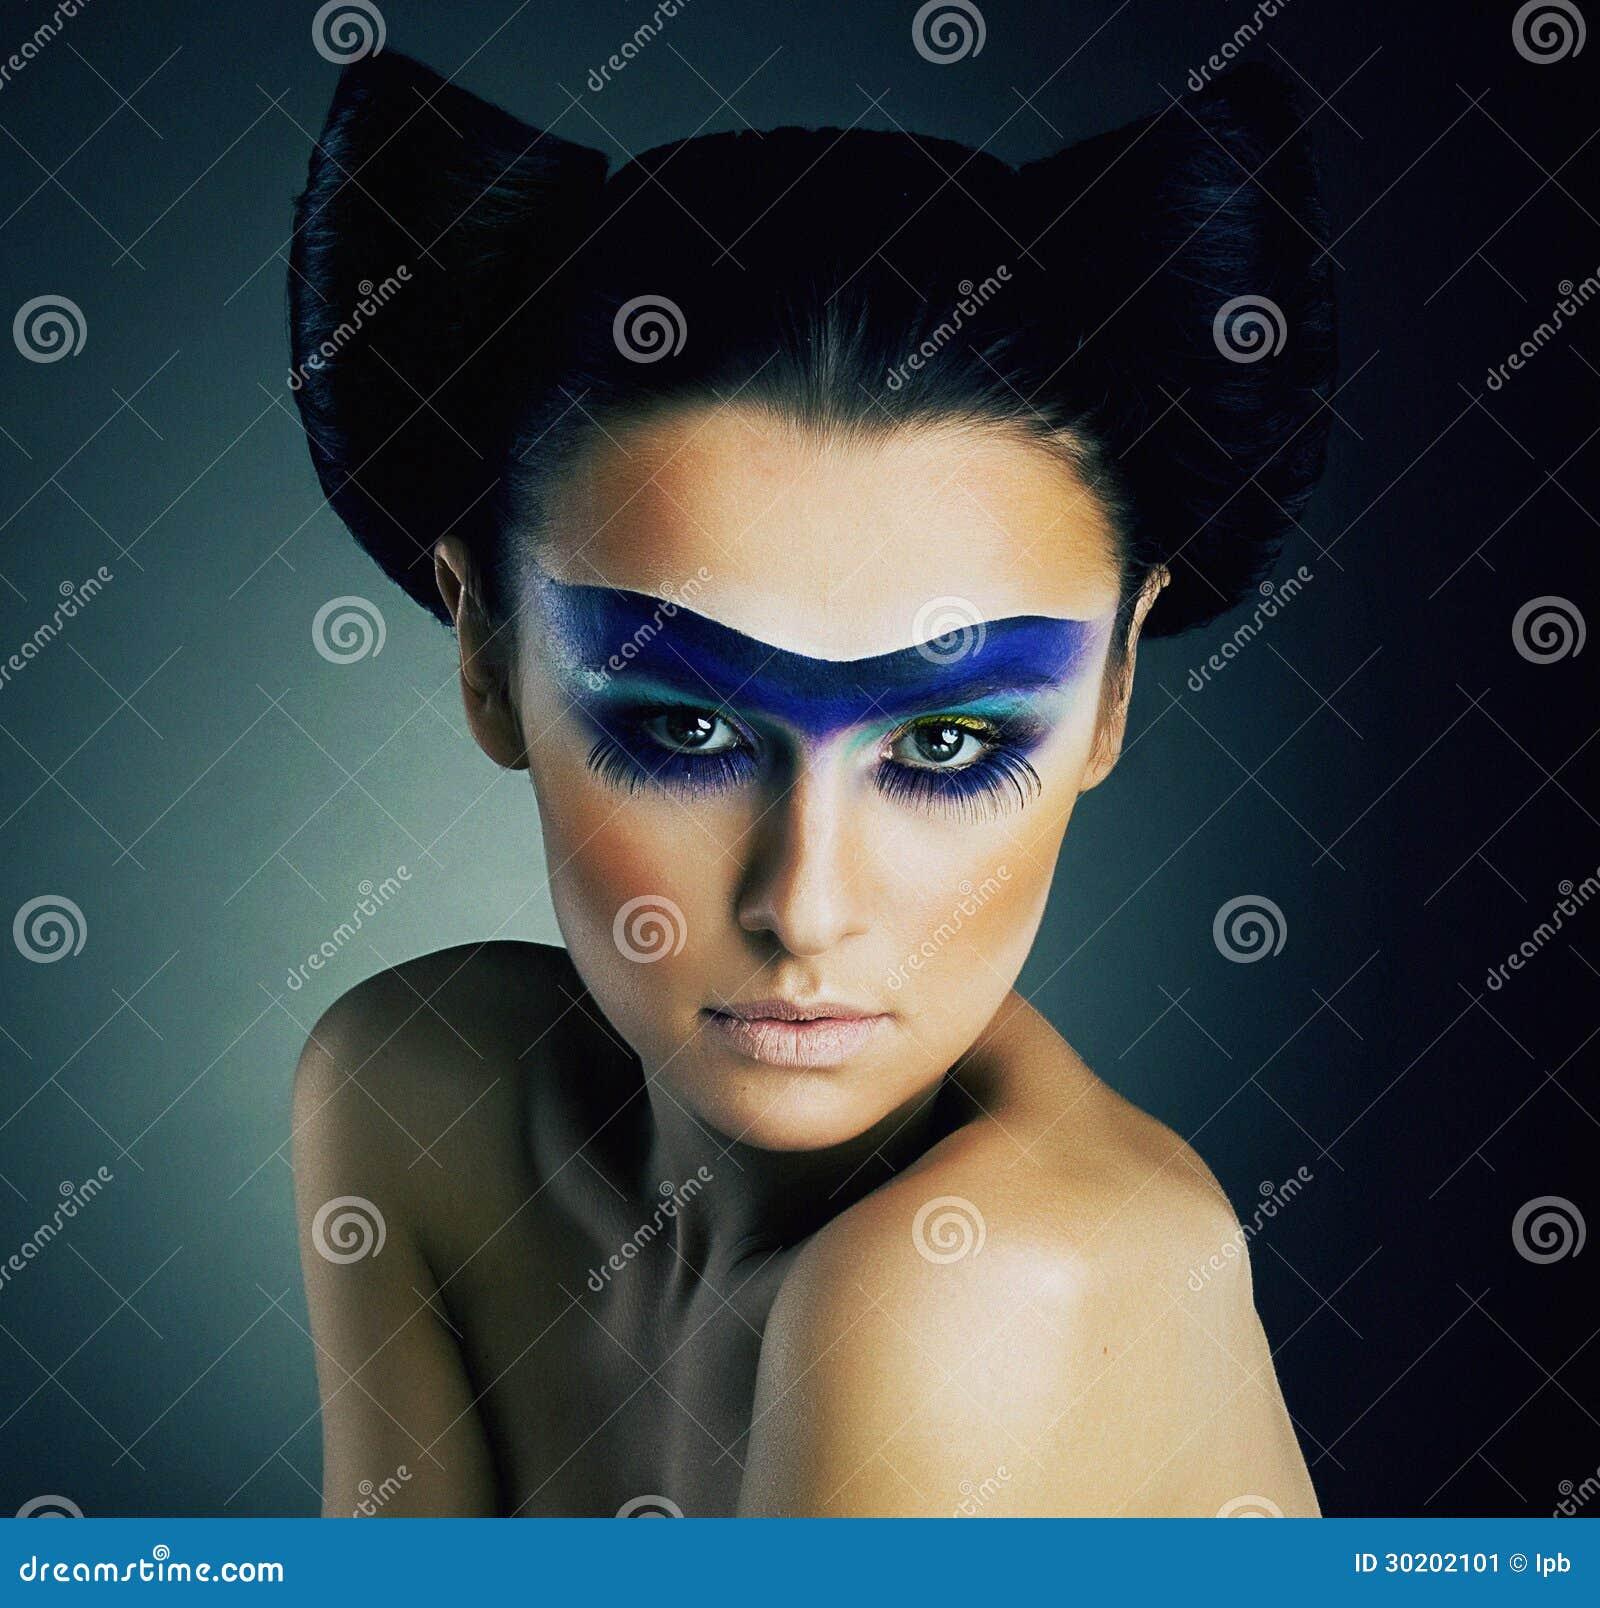 Haute mody. Fantazja. Z klasą kobieta z błękit Malującą Maskową i Nowożytną fryzurą